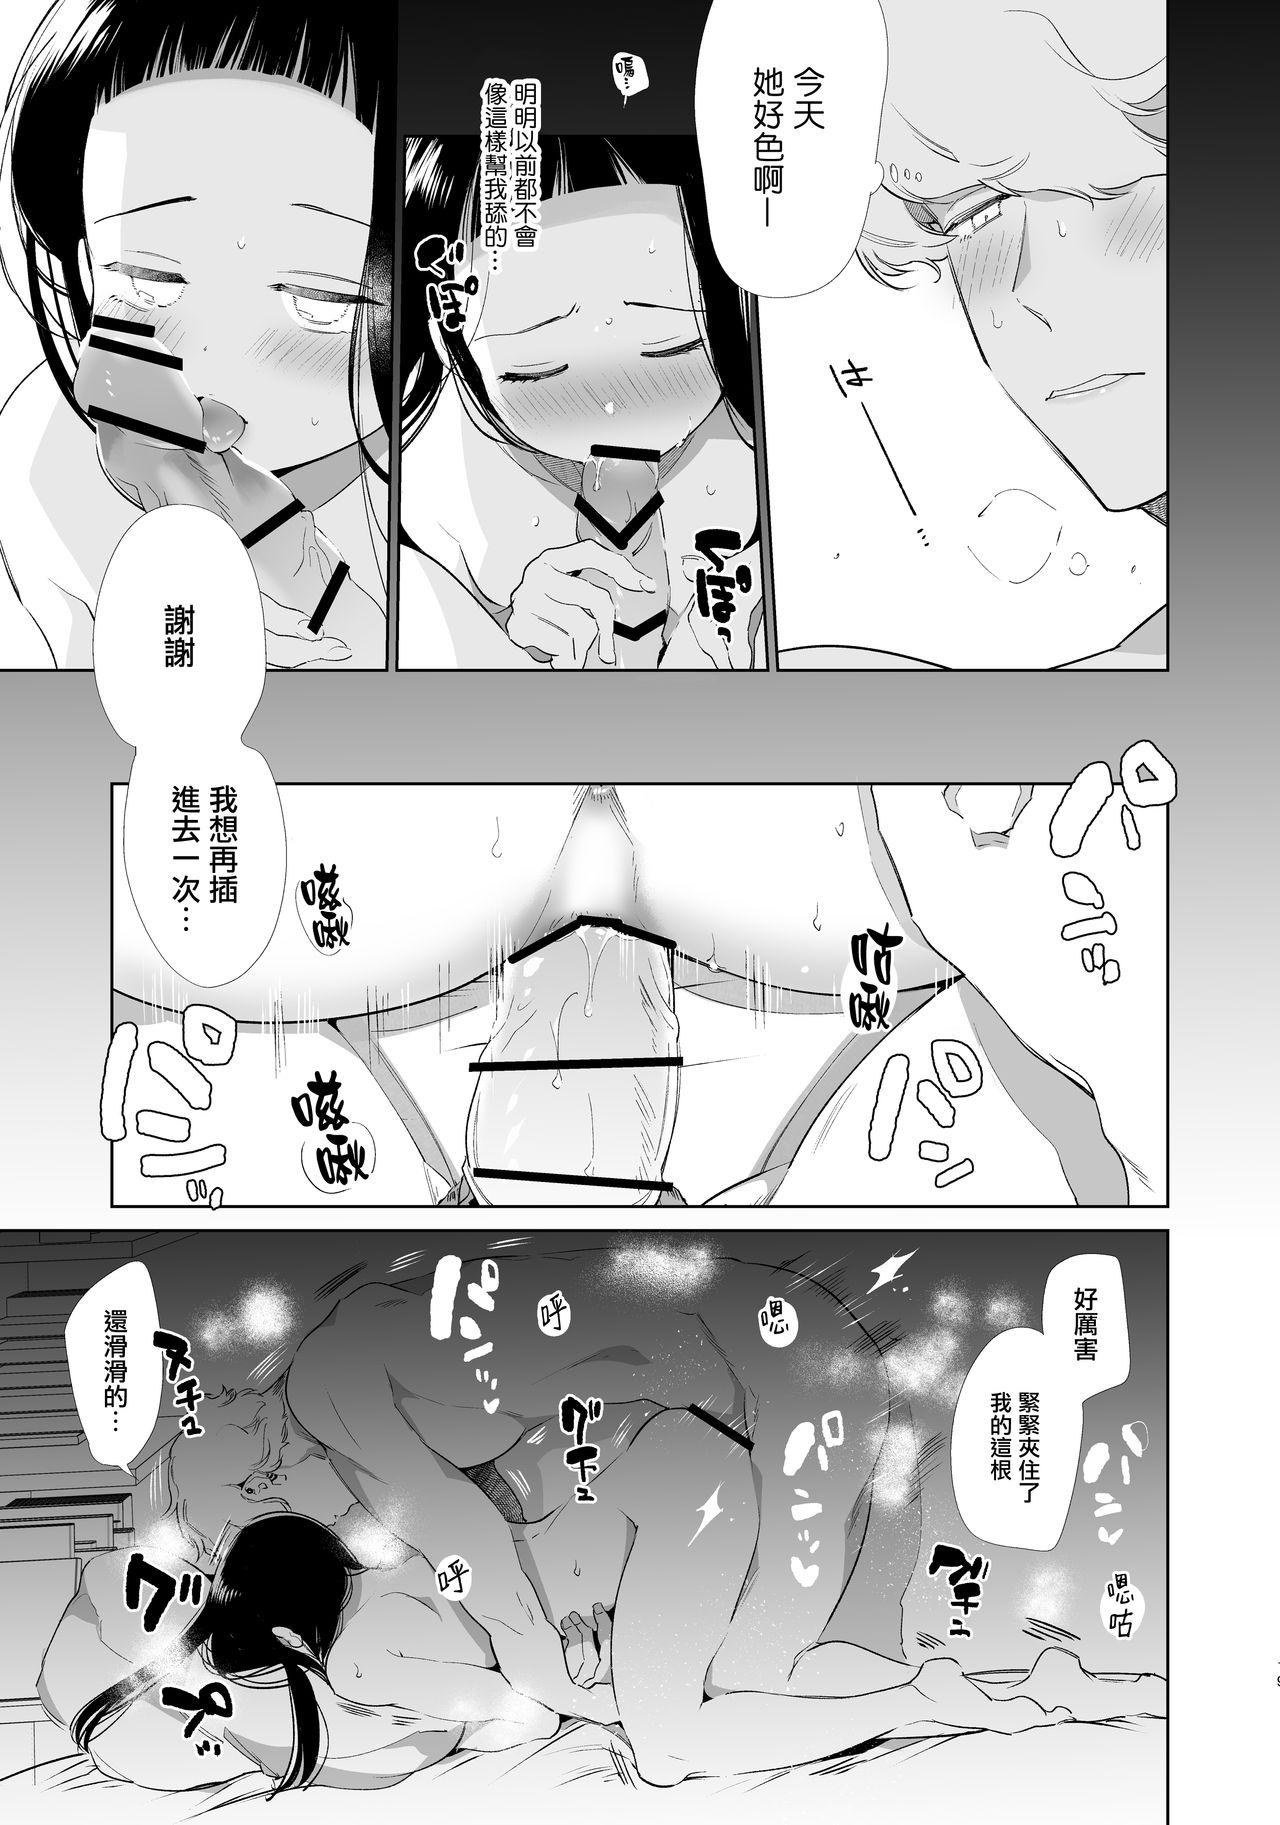 [Yatomomin (Yamamoto Tomomitsu)] Majime-chan to Kimama-kun AM1:30 [Chinese] [無邪気漢化組] [Digital] 17